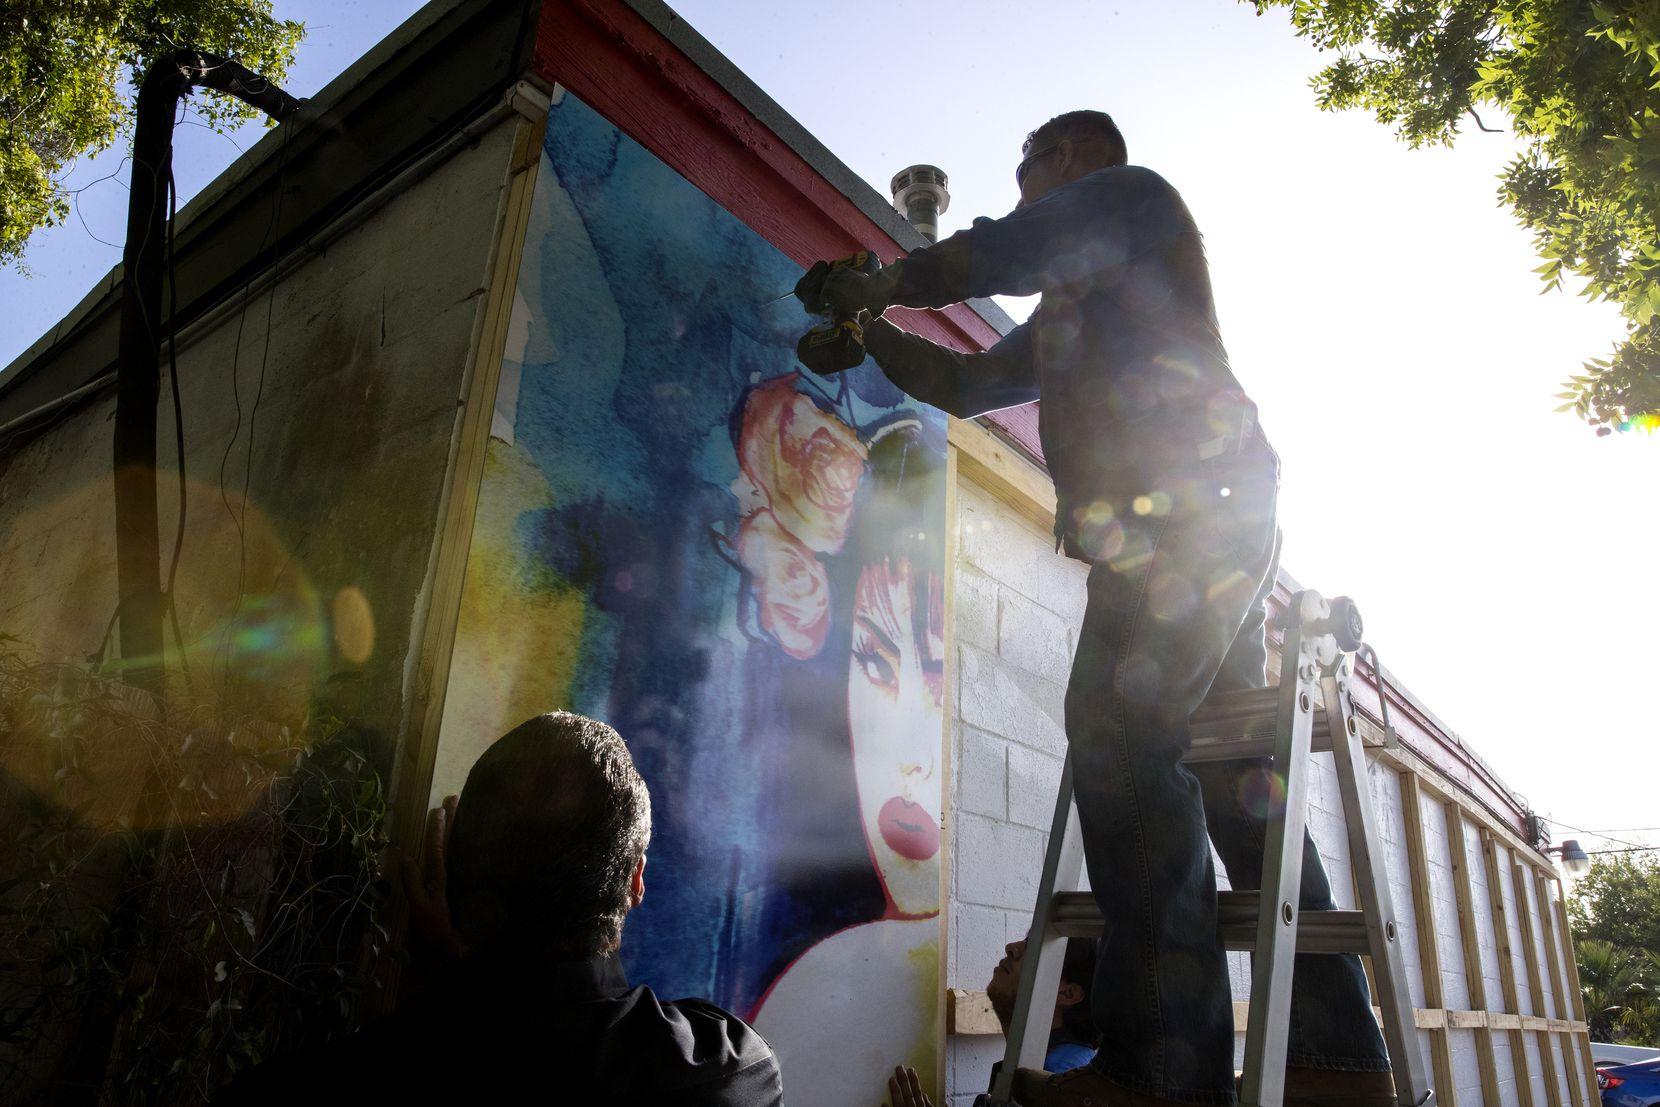 Trabajadores instalan un nuevo mural de Selena afuera de una tienda de comida en Molina, barrio de Corpus Christi.